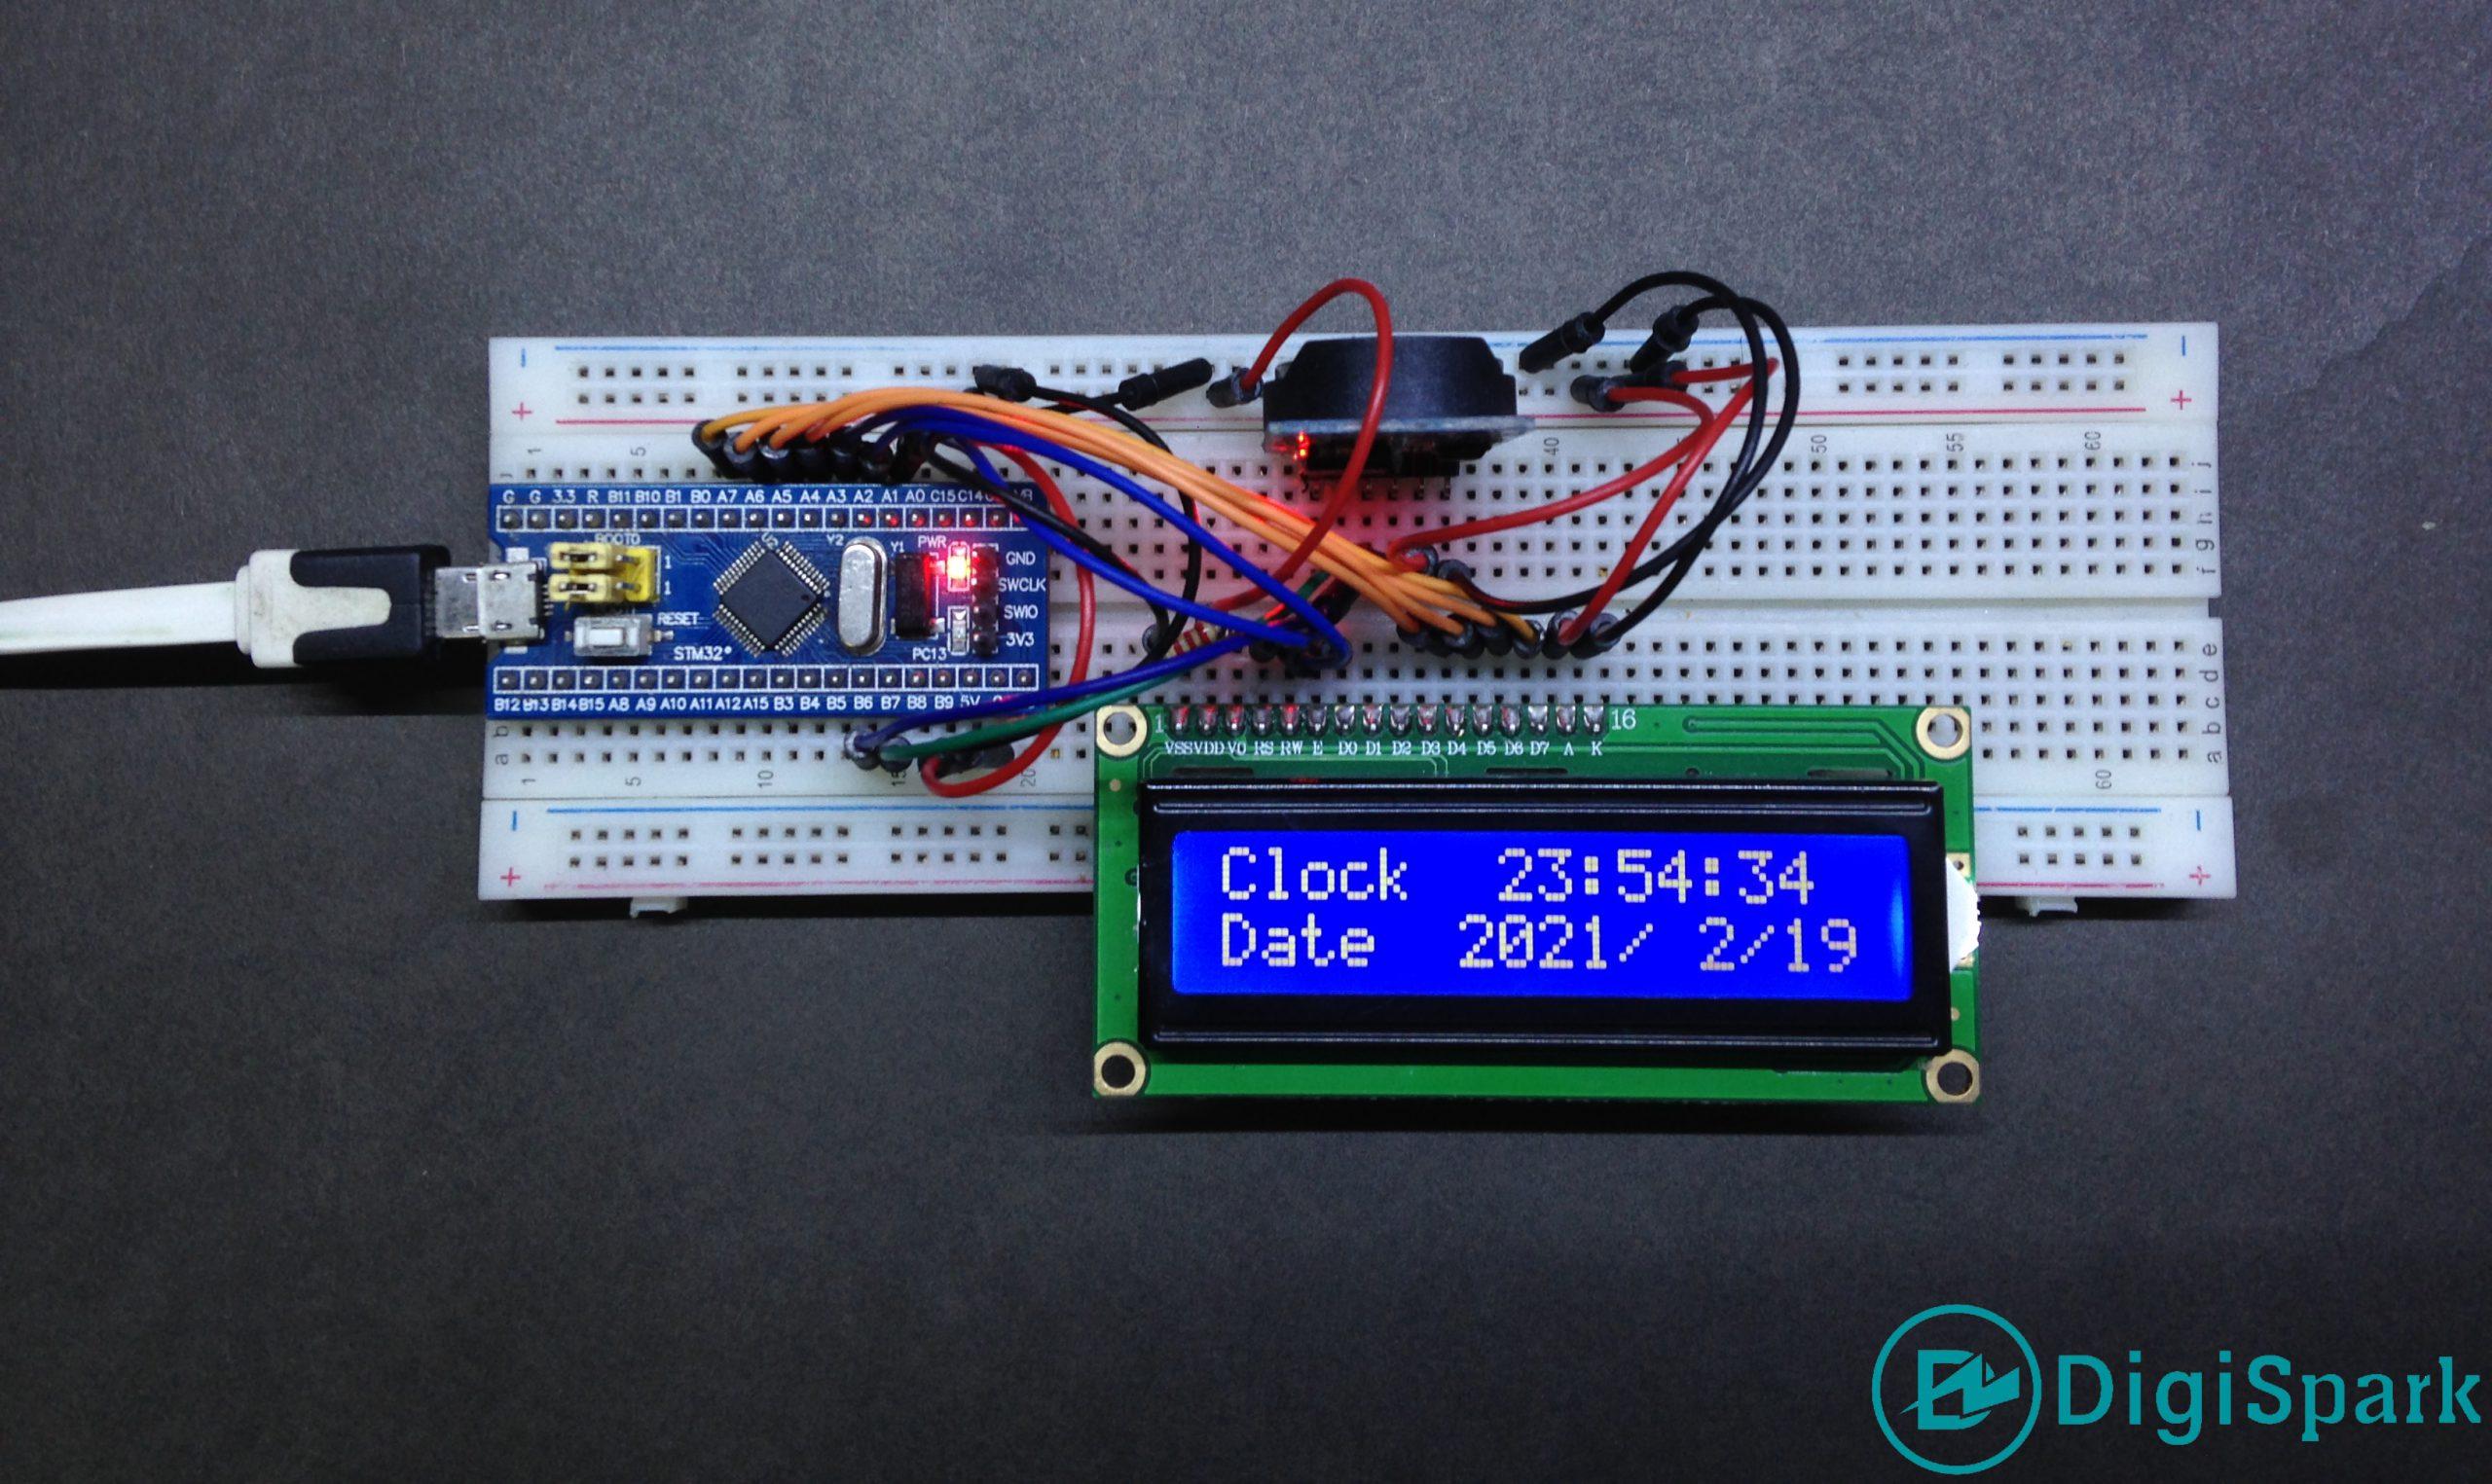 پروژه ماژول ساعت DS3231 به STM32 - دیجی اسپارک